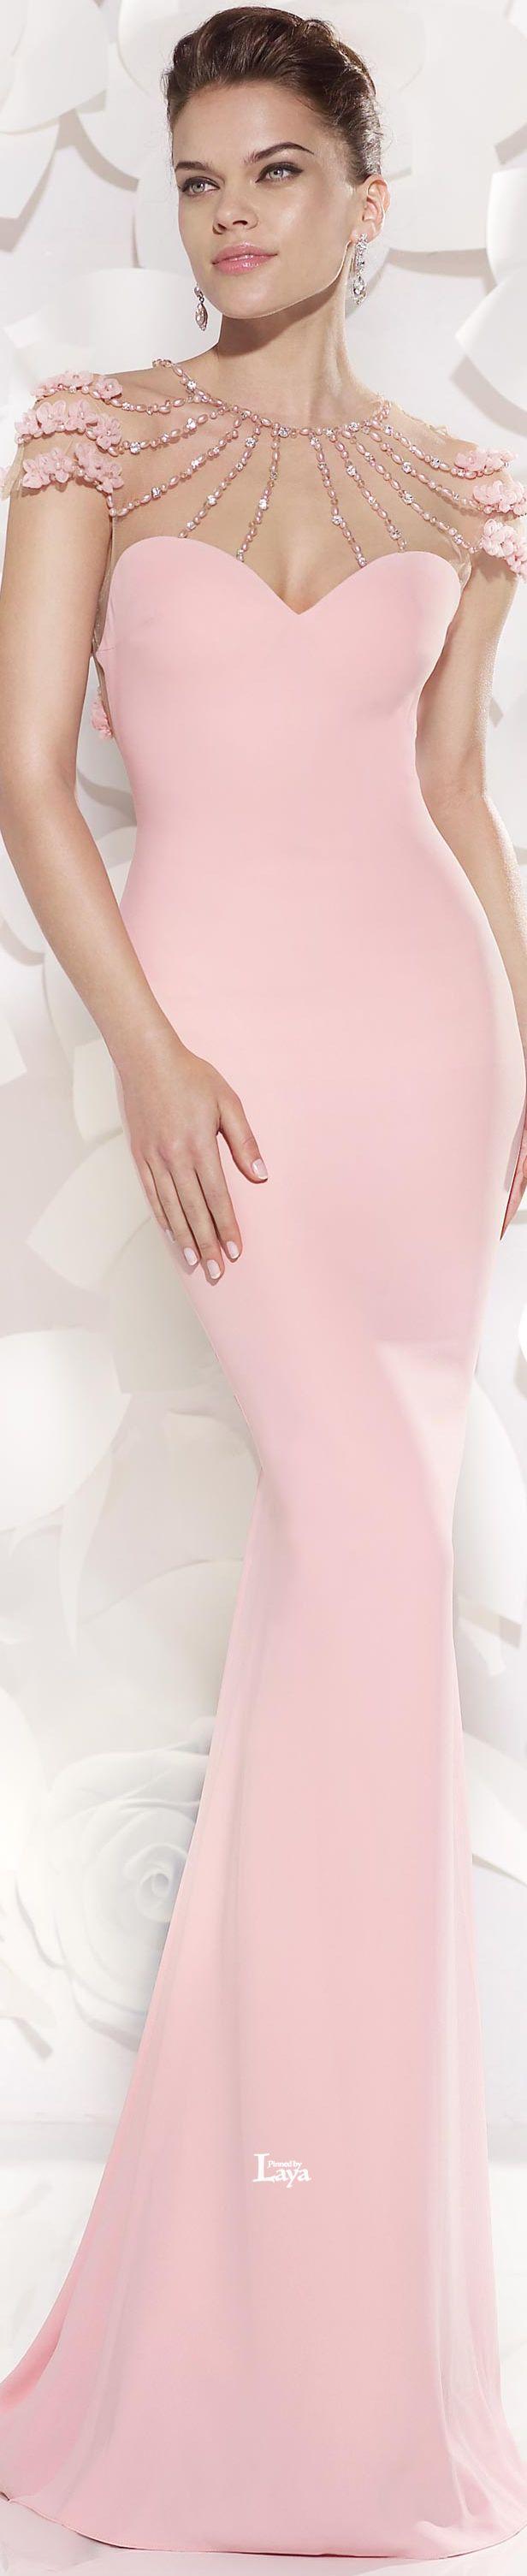 496 best oblečení images on Pinterest | Formal prom dresses, Night ...